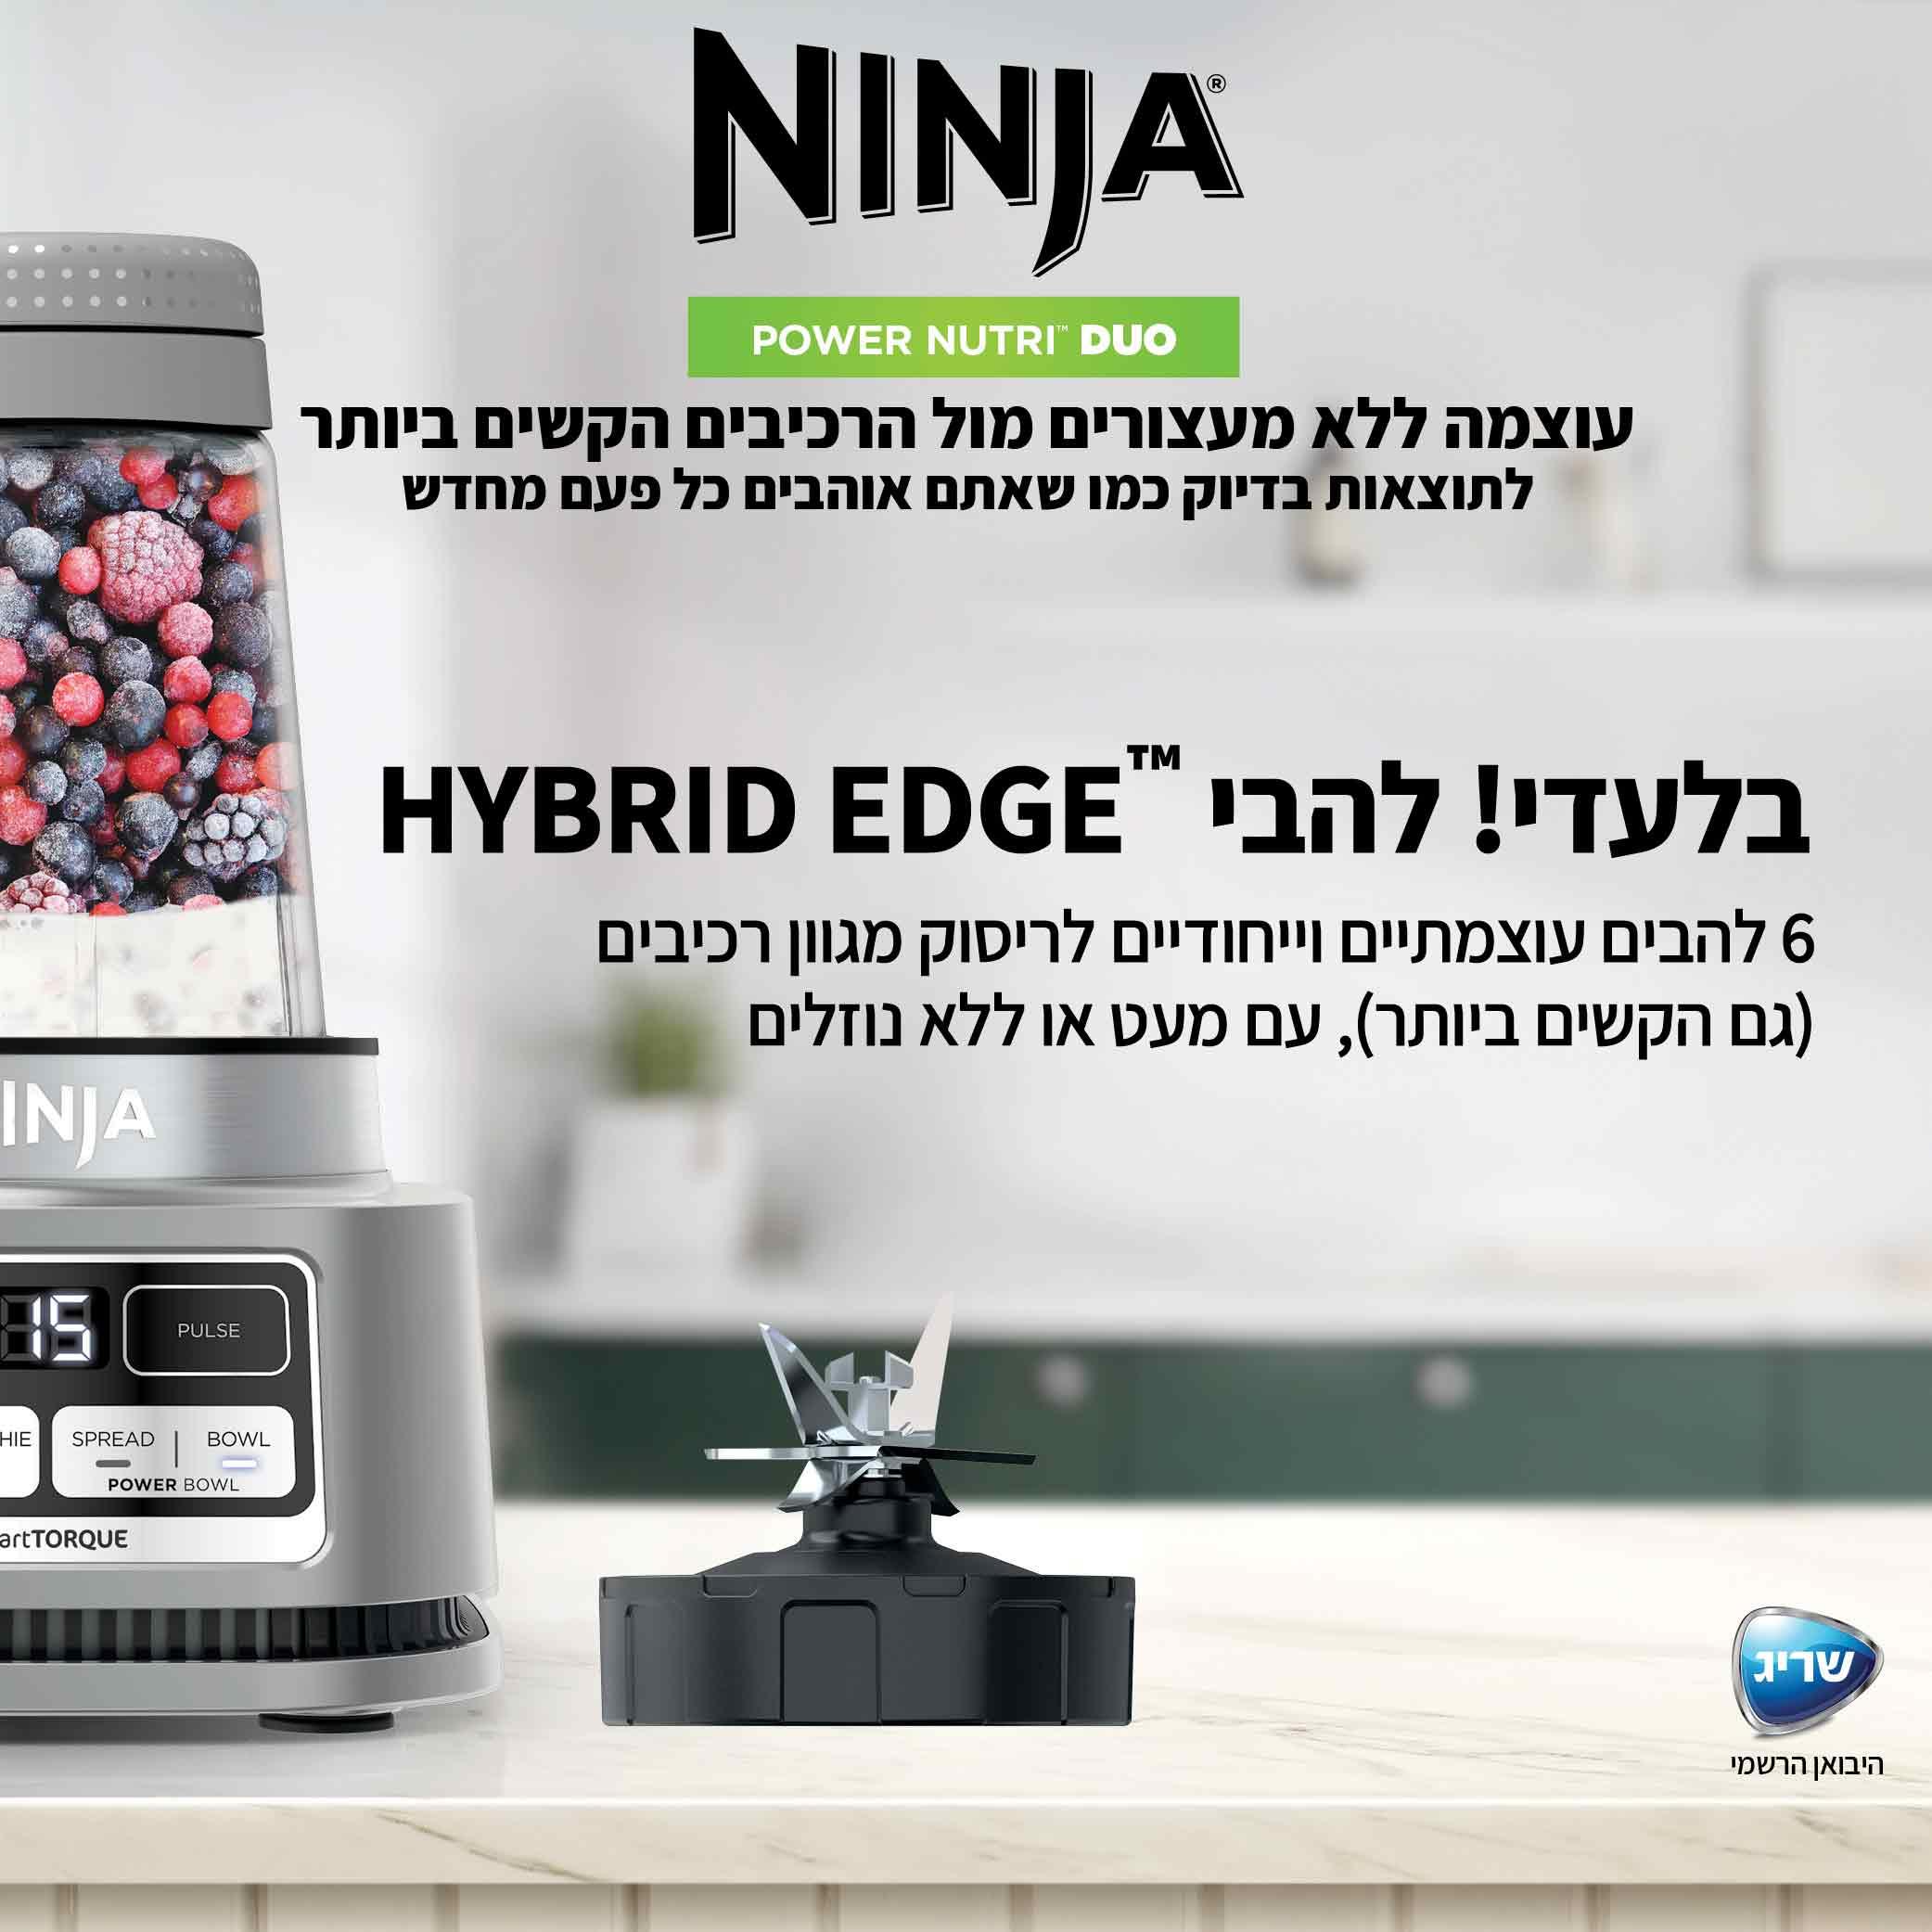 בלנדר מקצועי דגם NINJA POWER NUTRI DUO CB103 נינג'ה - תמונה 5